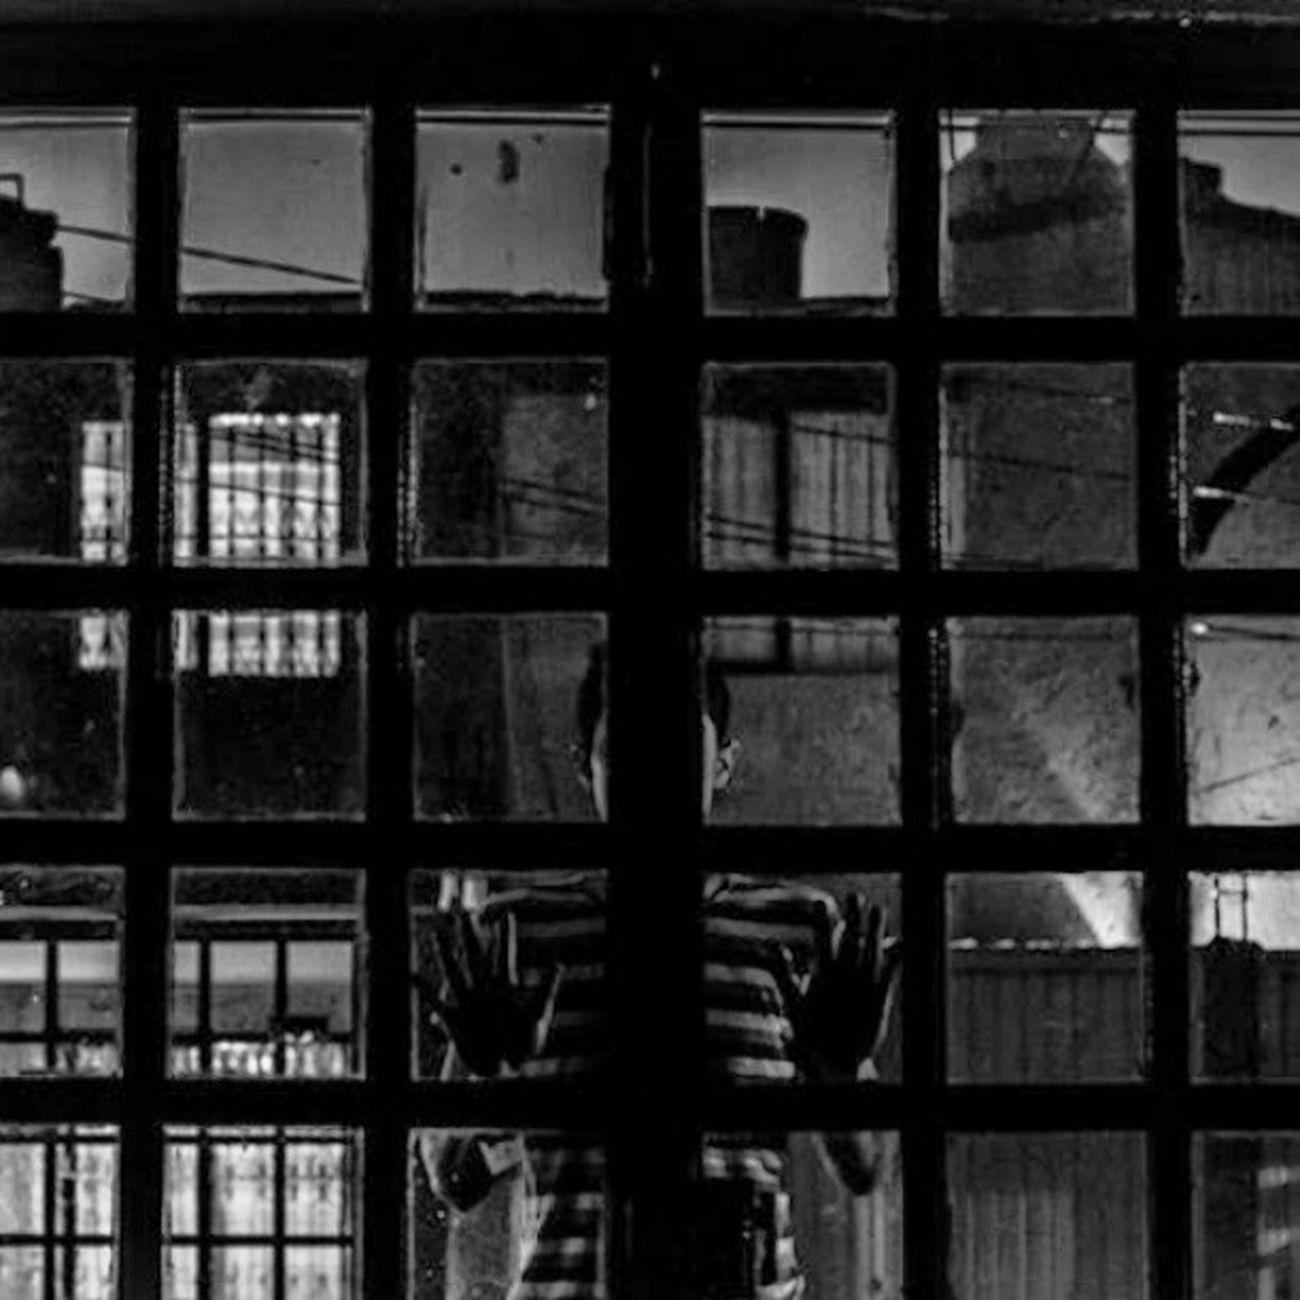 90/365 Ahfotografia 365project ByAlexHernández Photography MyArt